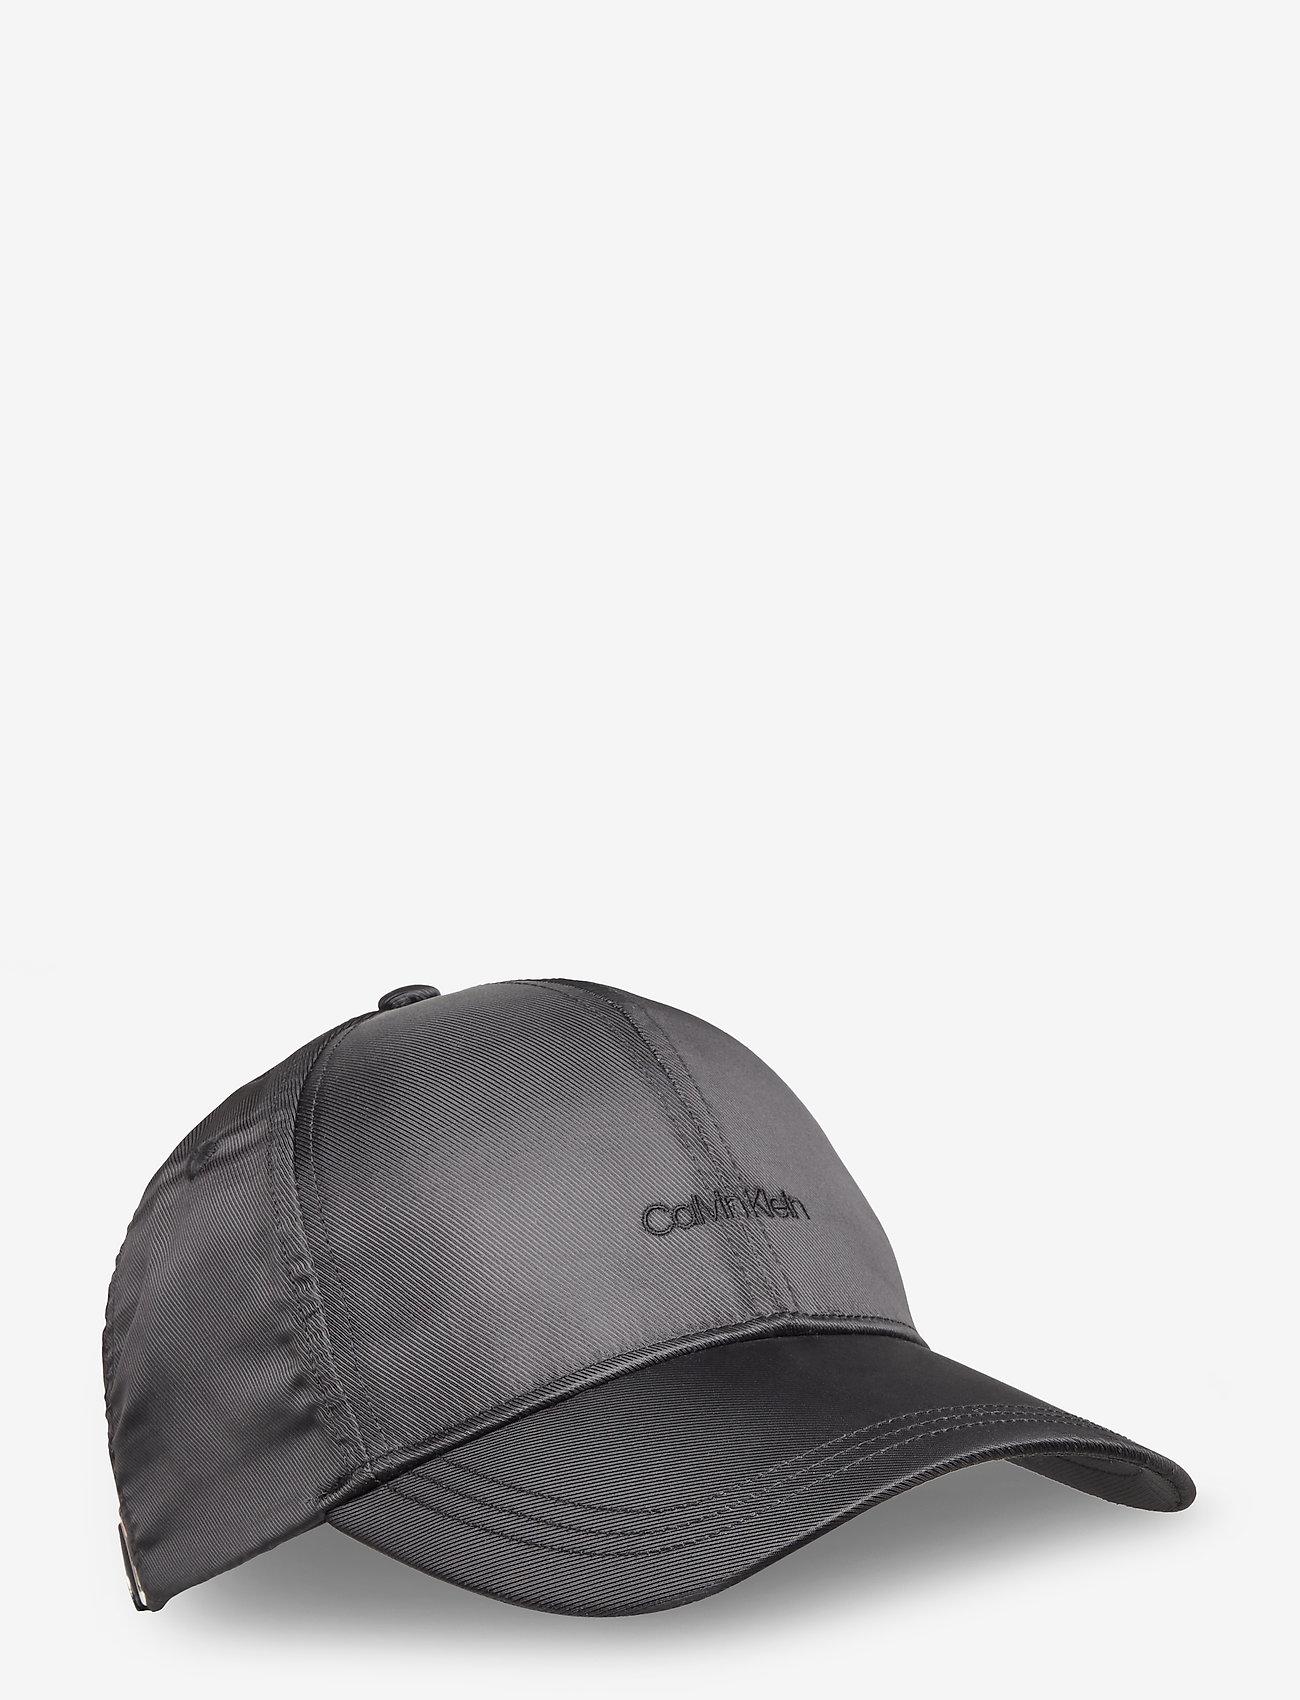 Calvin Klein - EMBROIDERY LOGO SATIN BB CAP - caps - black - 0